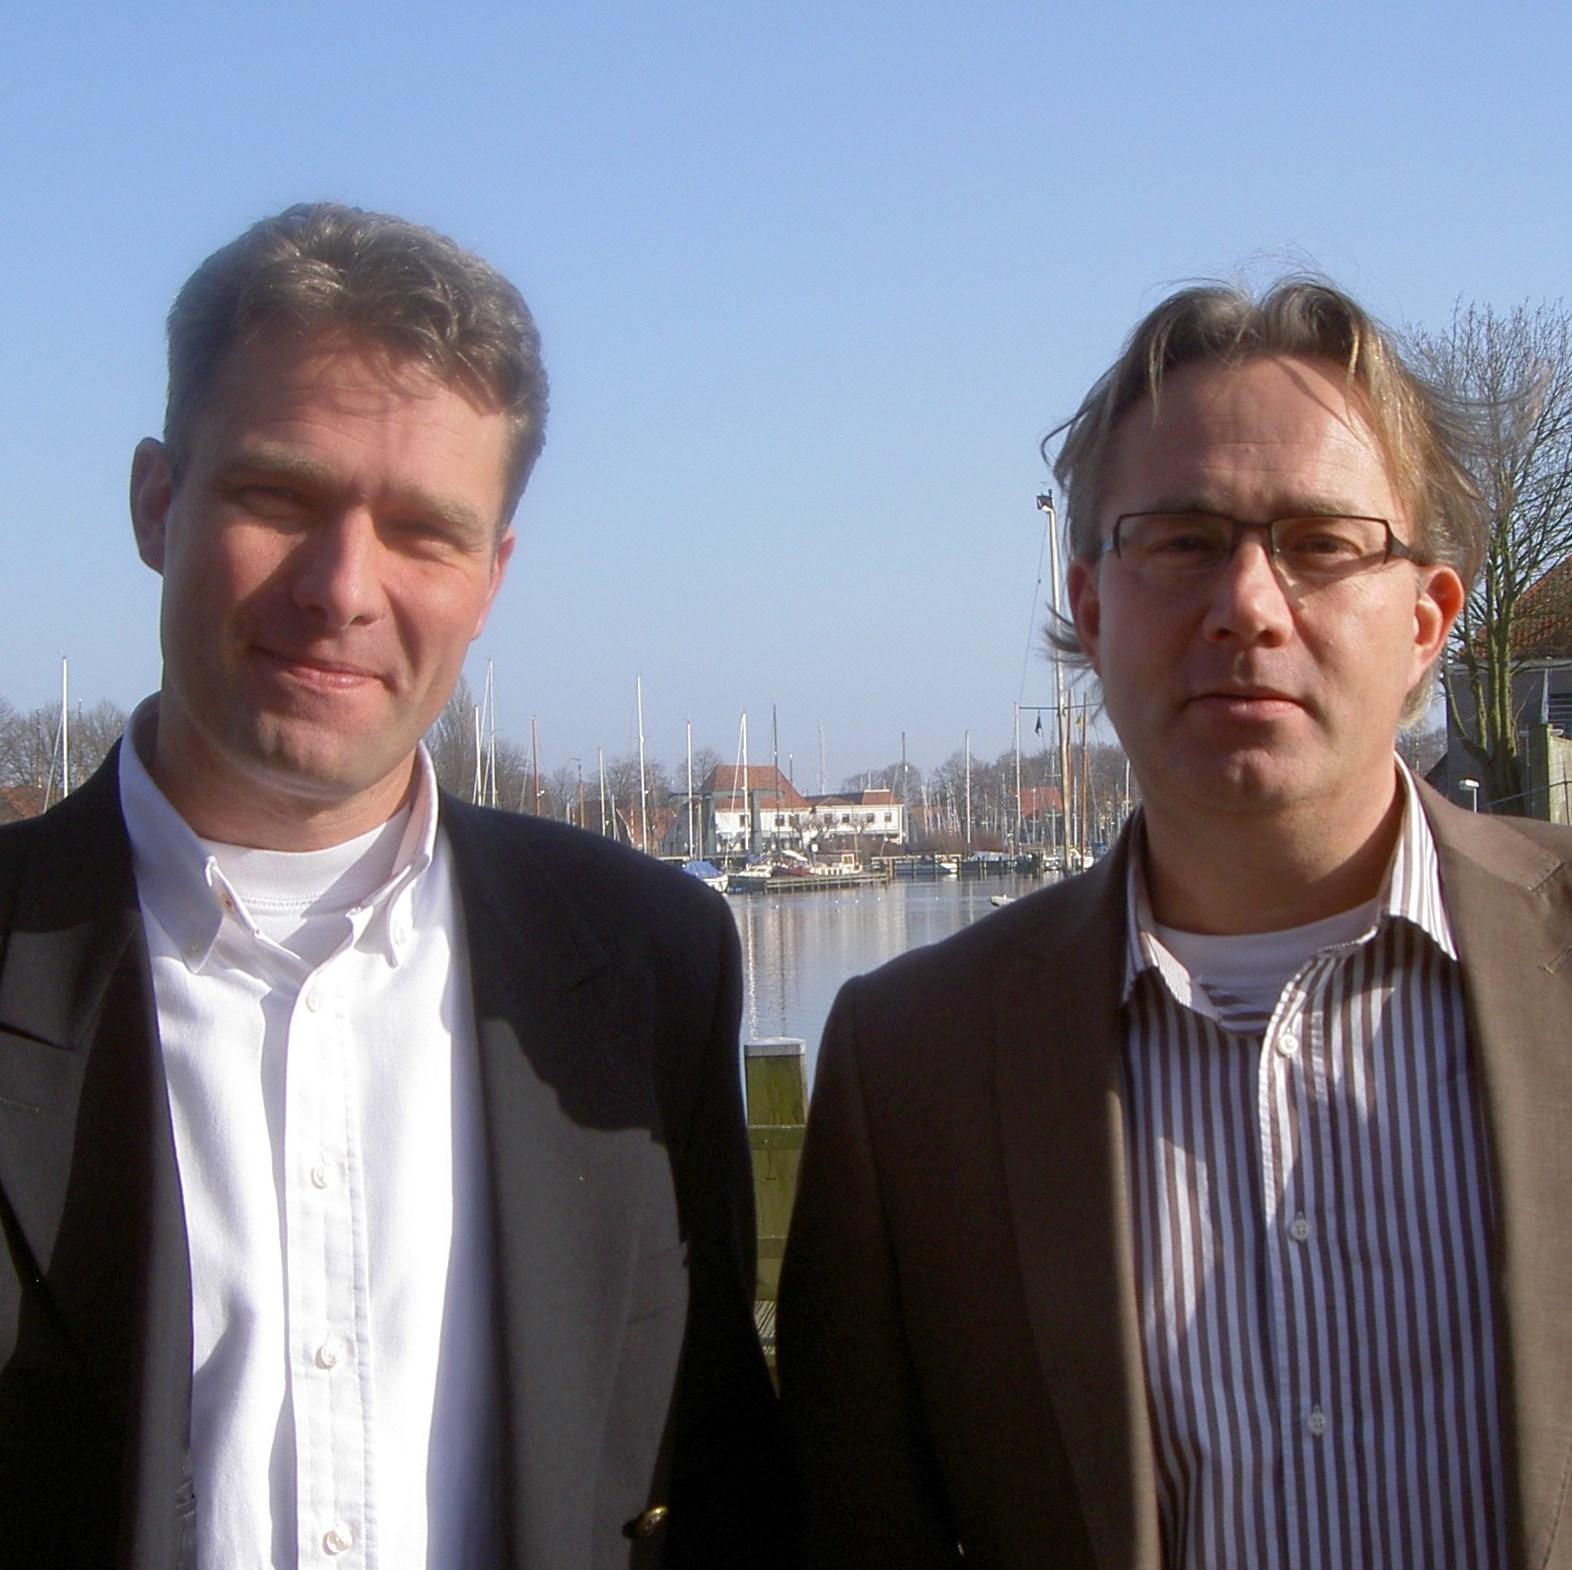 Foto van S&A Hypotheken & Financieel advies - Alkmaar